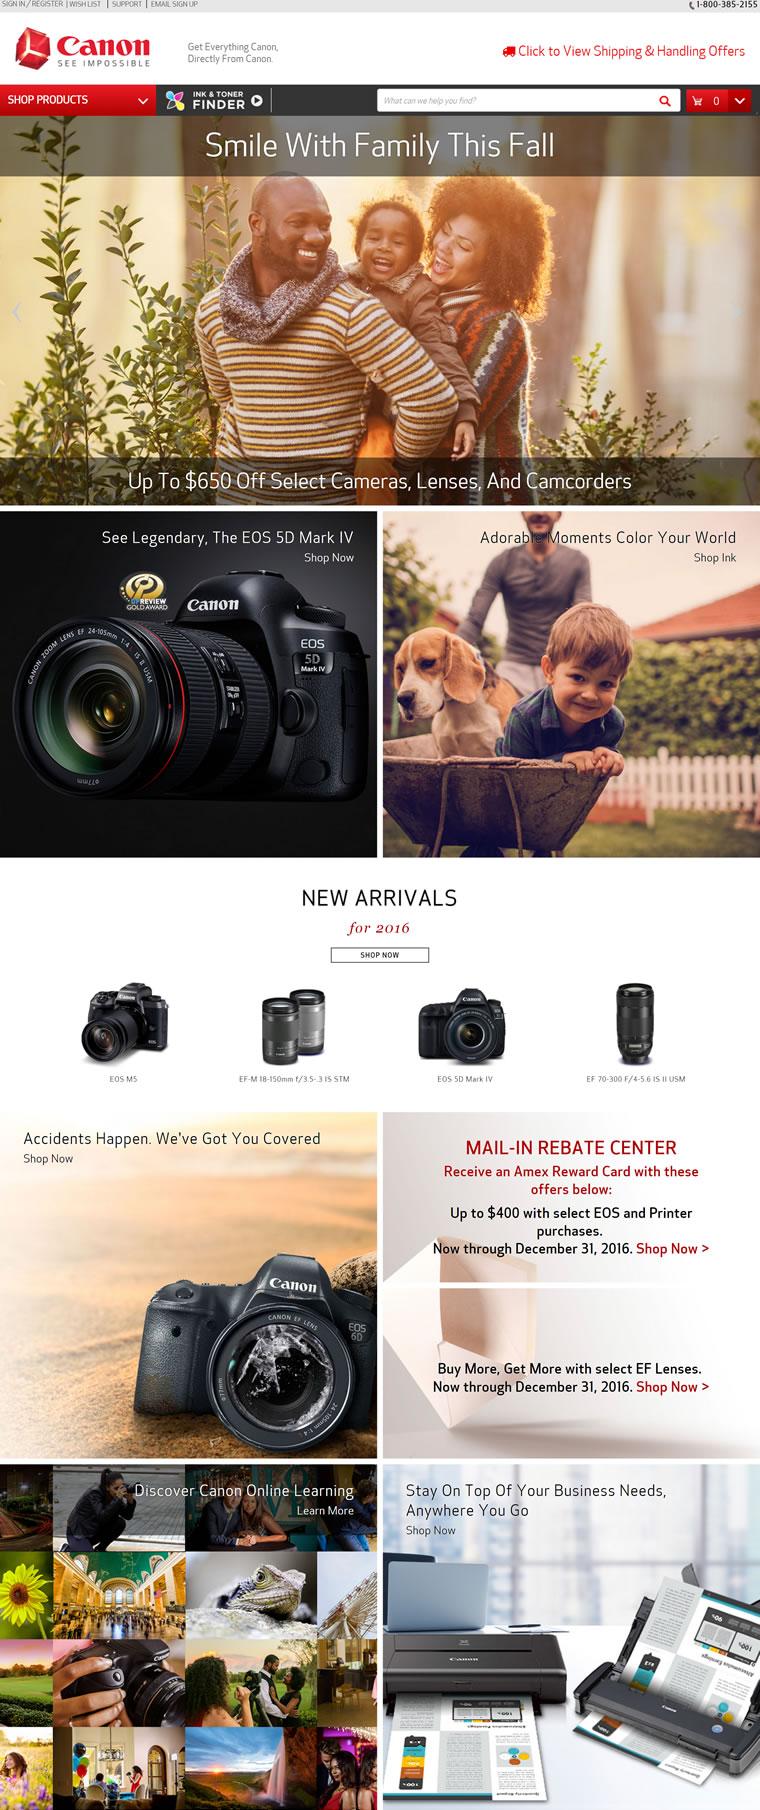 Canon佳能美国官方商店:购买数码相机、数码单反相机、镜头和打印机